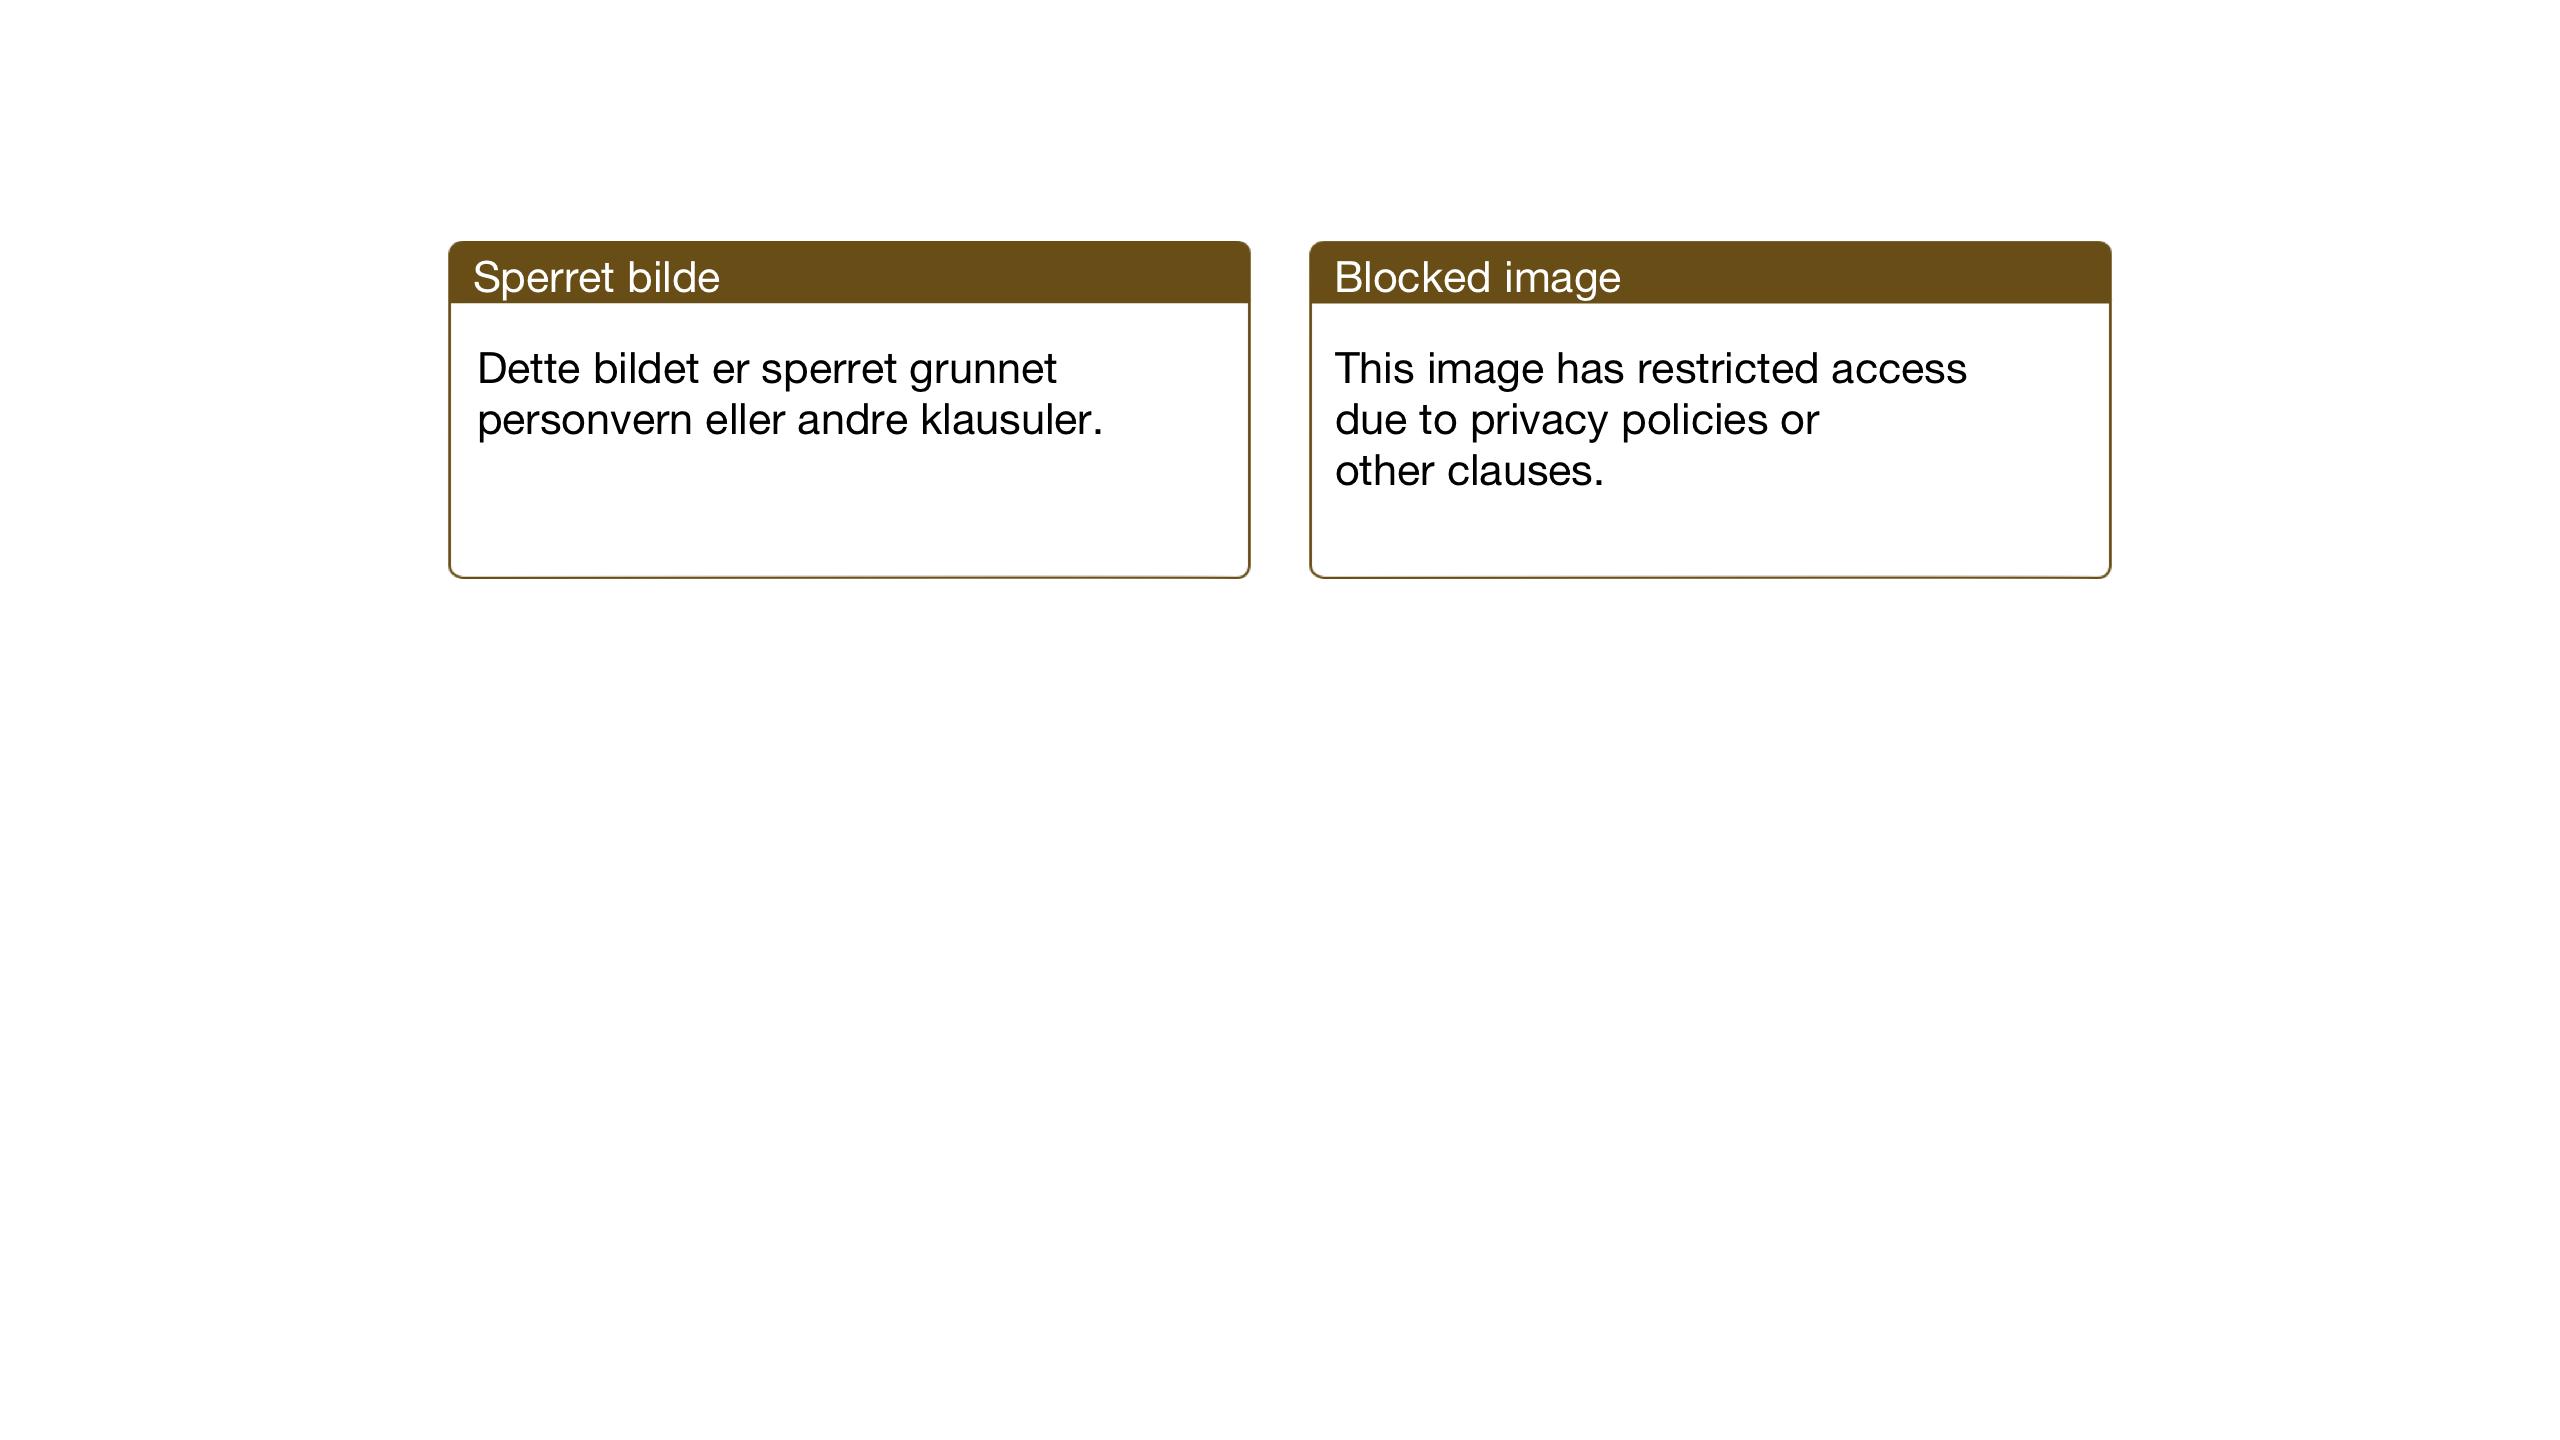 SAT, Ministerialprotokoller, klokkerbøker og fødselsregistre - Sør-Trøndelag, 669/L0833: Klokkerbok nr. 669C03, 1945-1950, s. 107